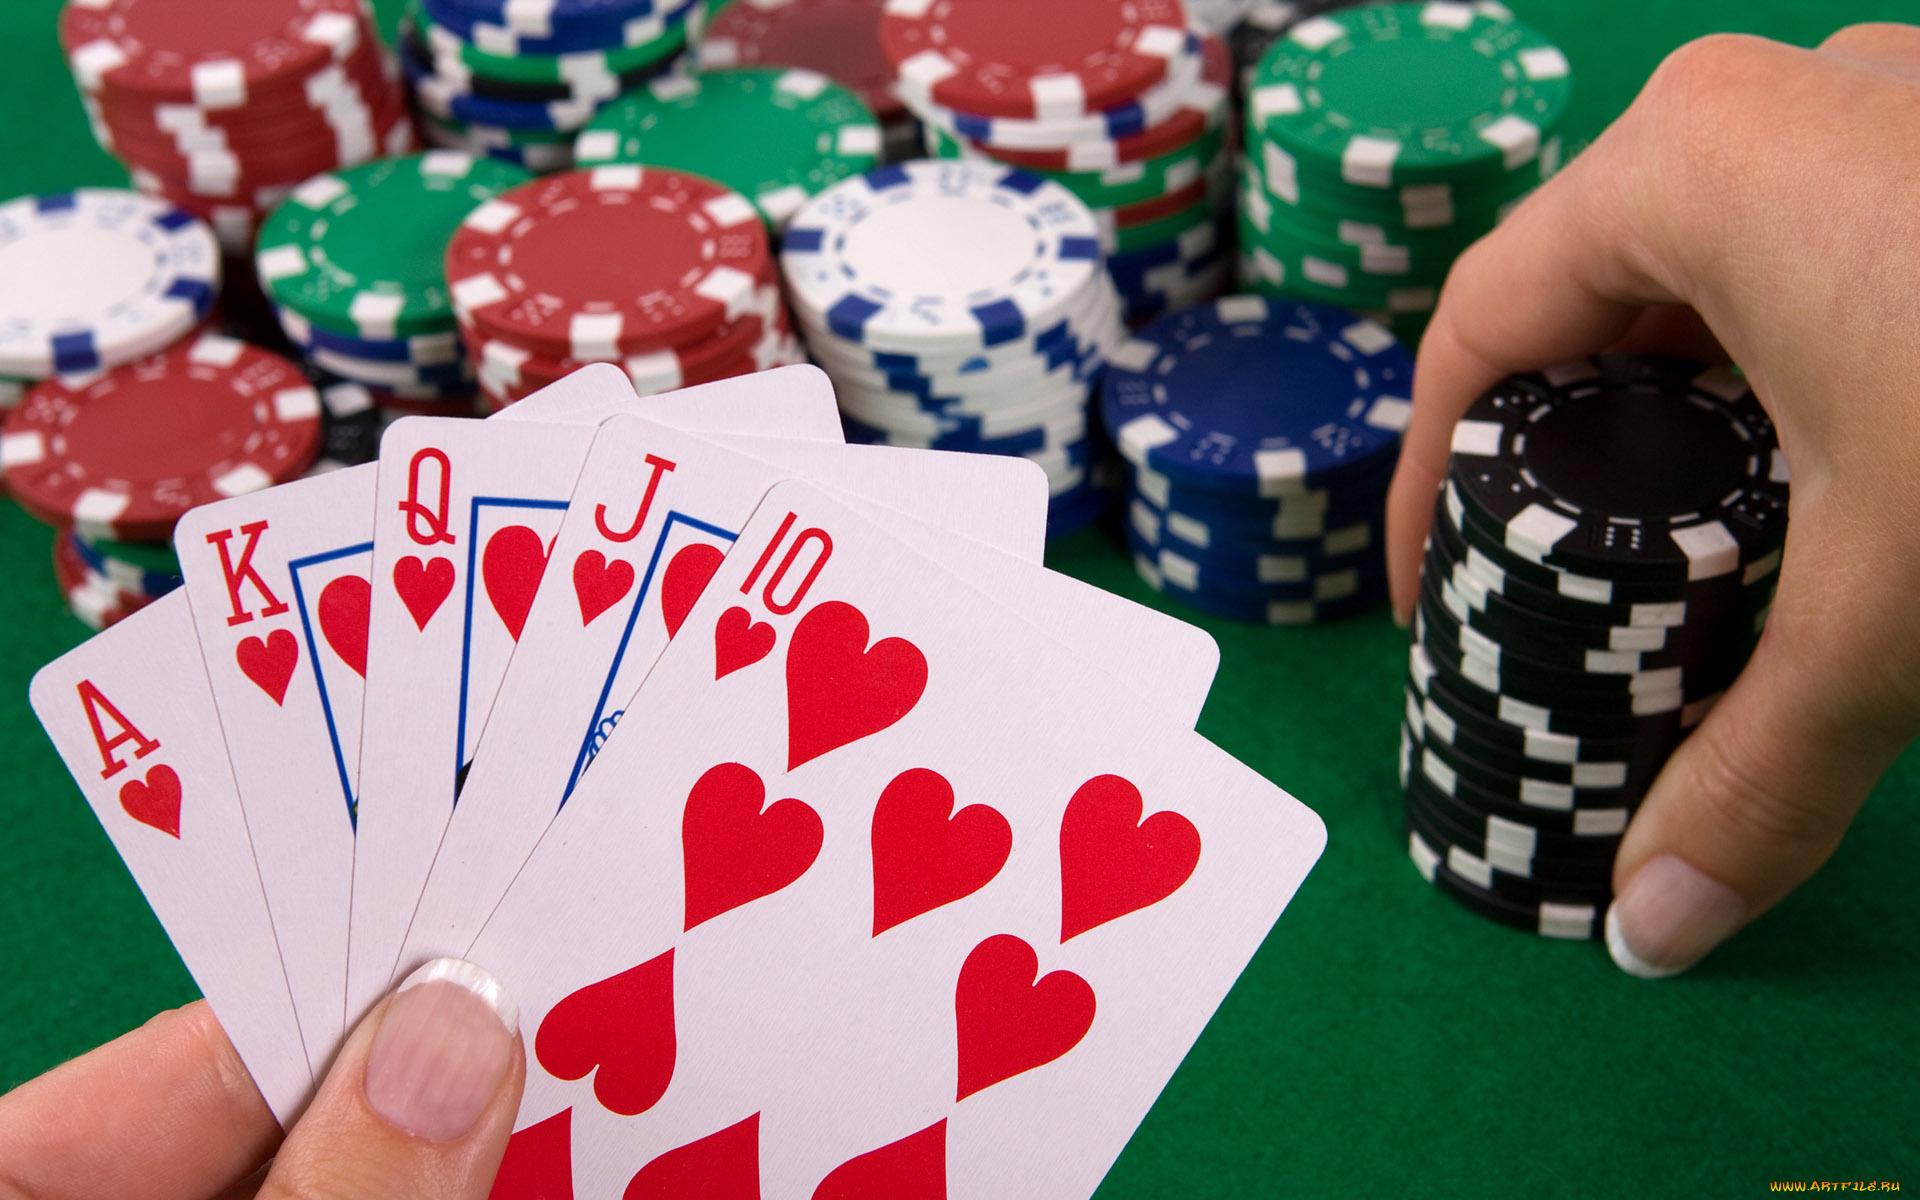 игры карты игральные азартные  № 1898144 загрузить